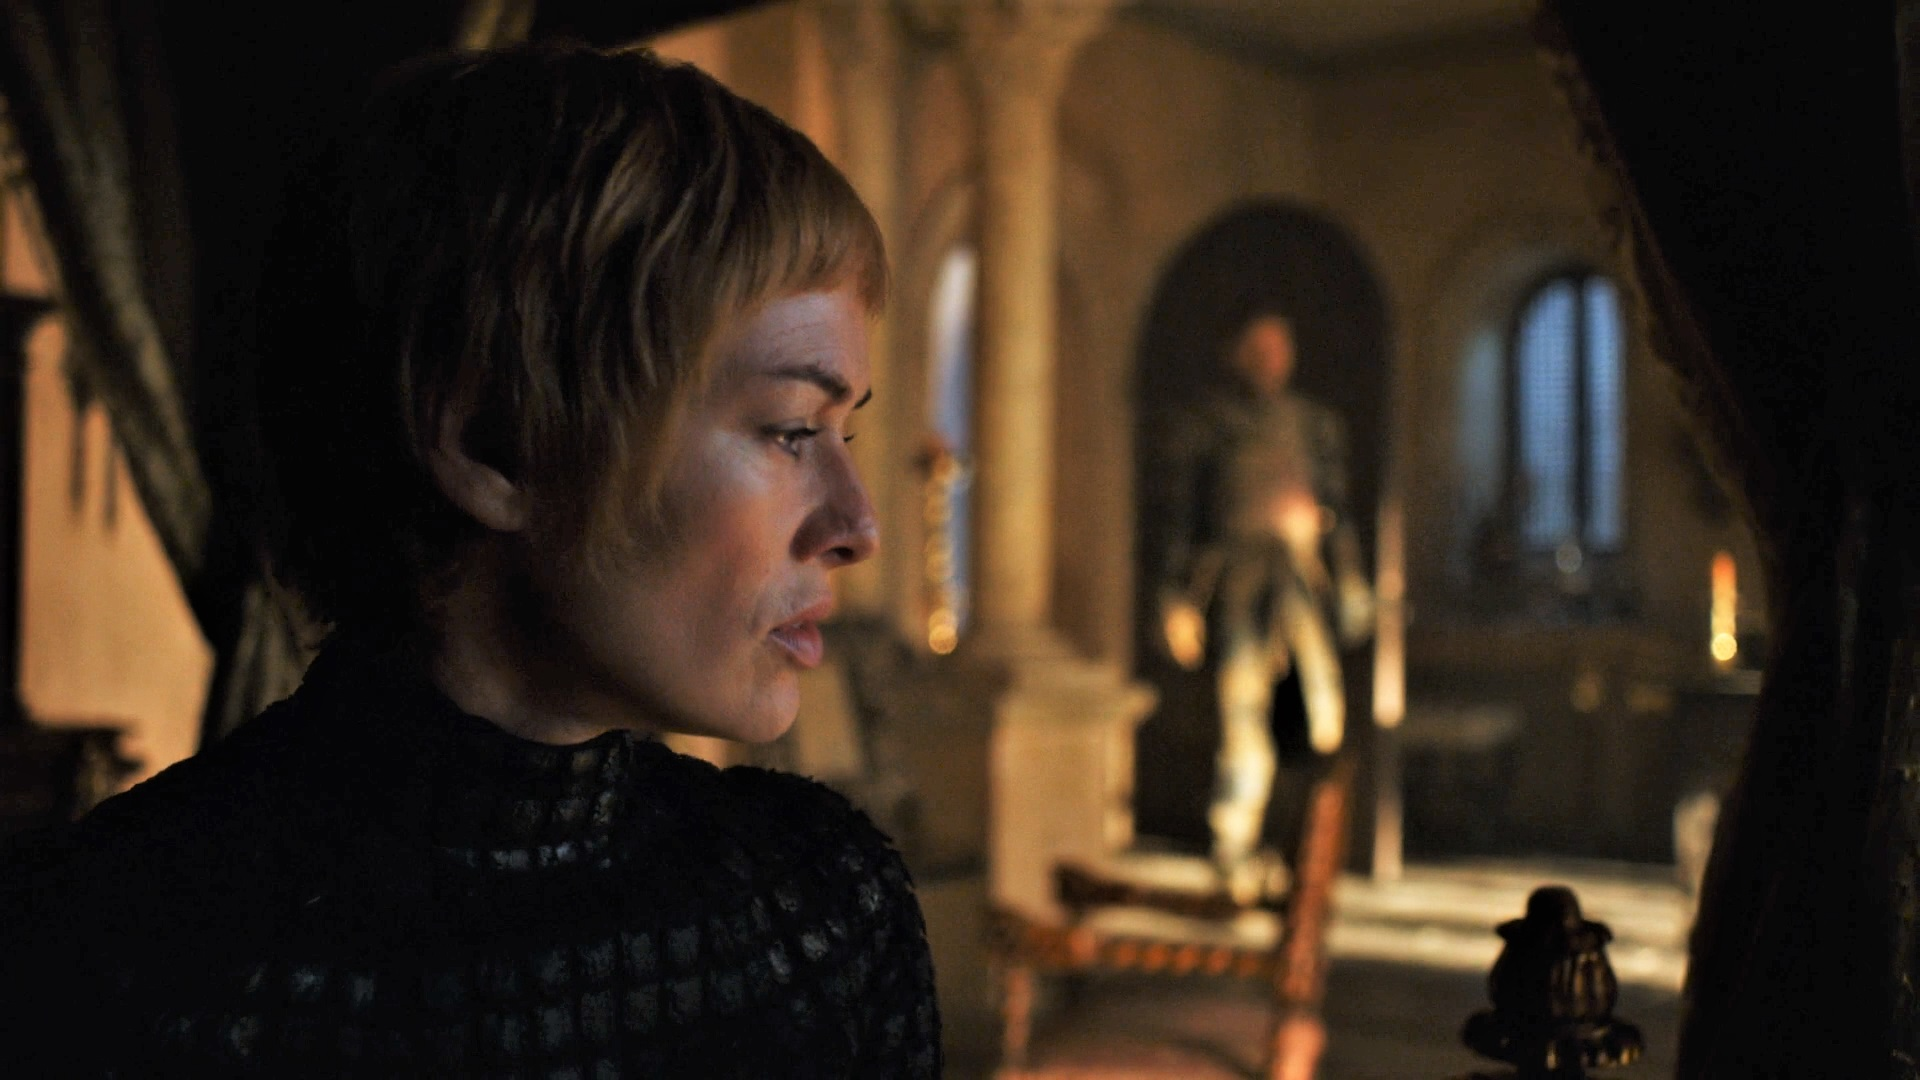 Lena Heady as Cersei Lannister.